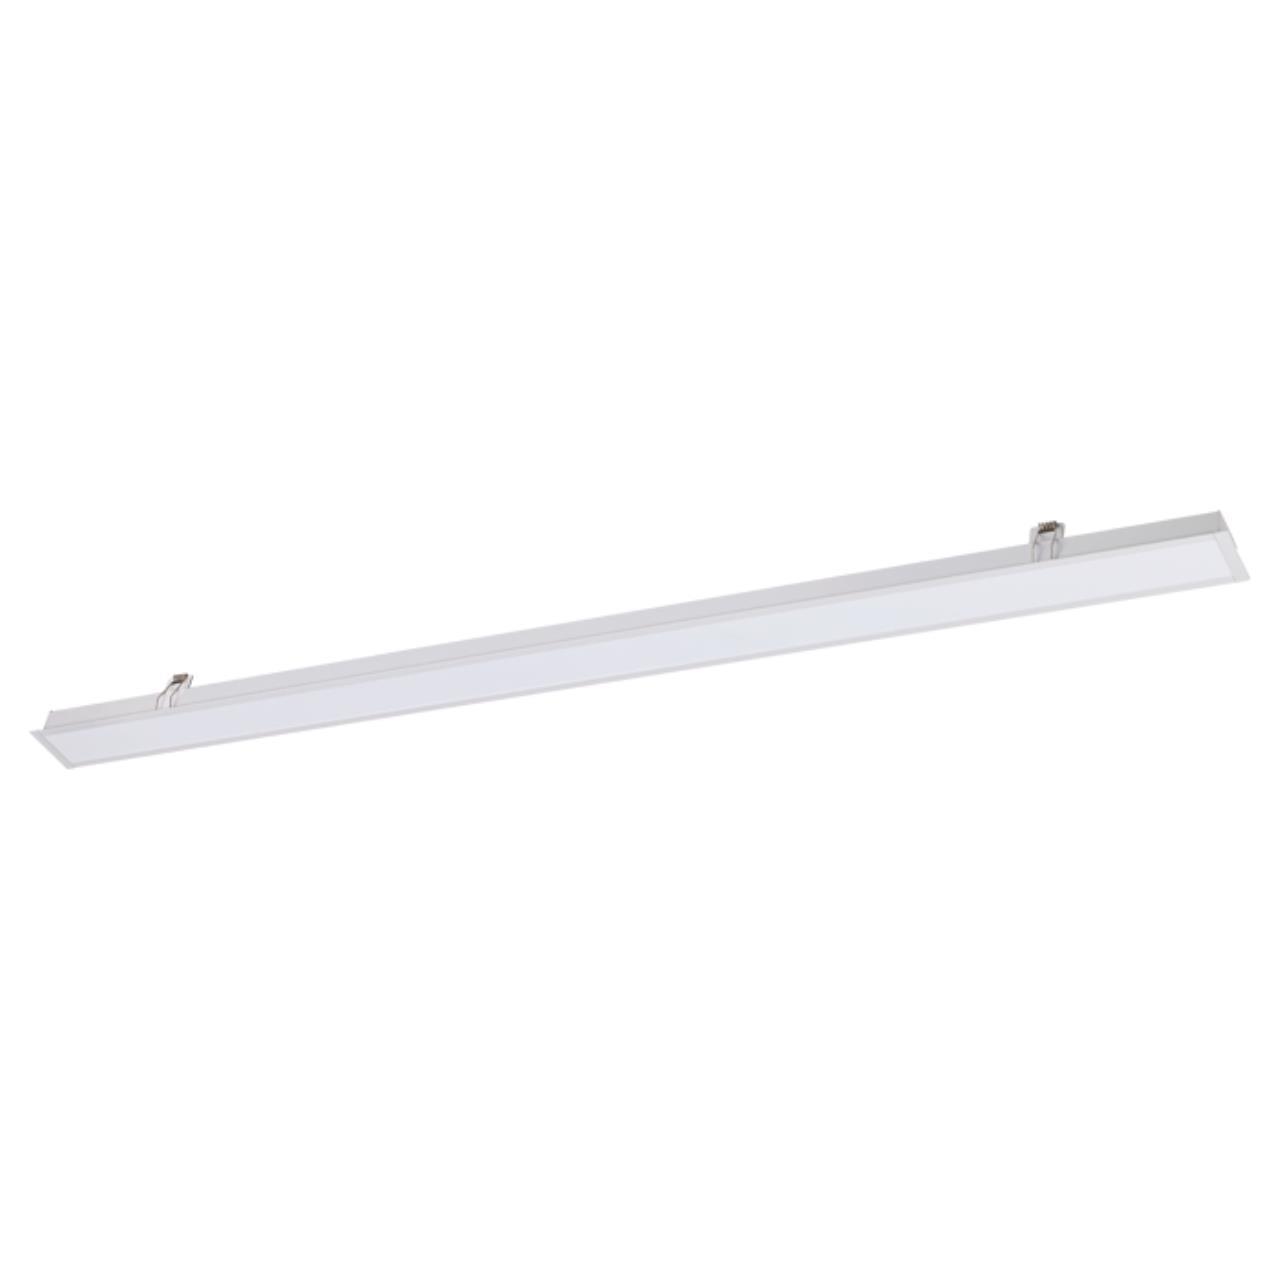 358045 SPOT NT19 052 белый Встраиваемый светильник IP20 LED 4000К 50W 220V ITER